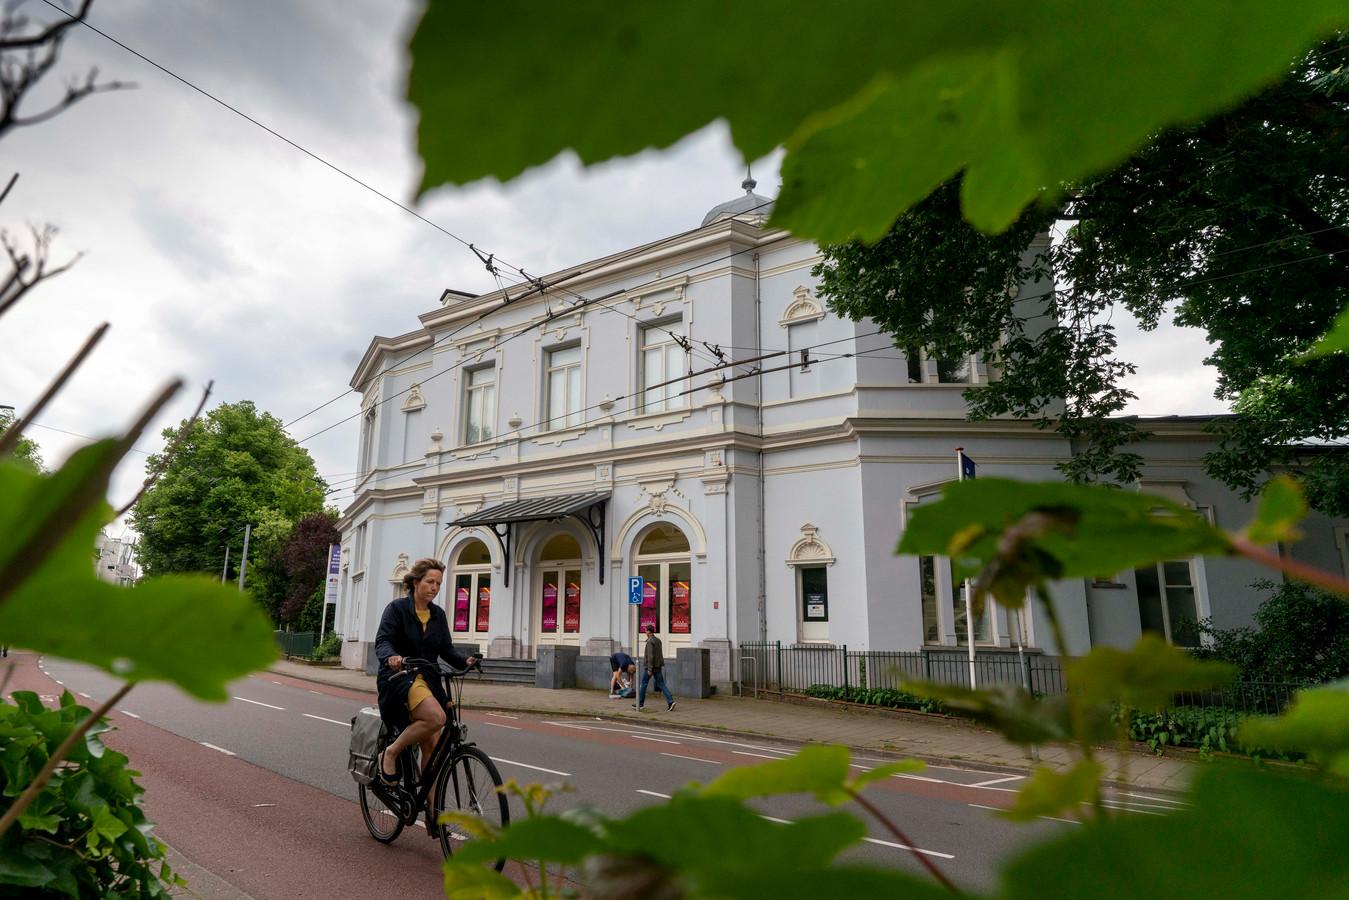 Het leegstaande gebouw van Museum Arnhem aan de Utrechtseweg in Arnhem.